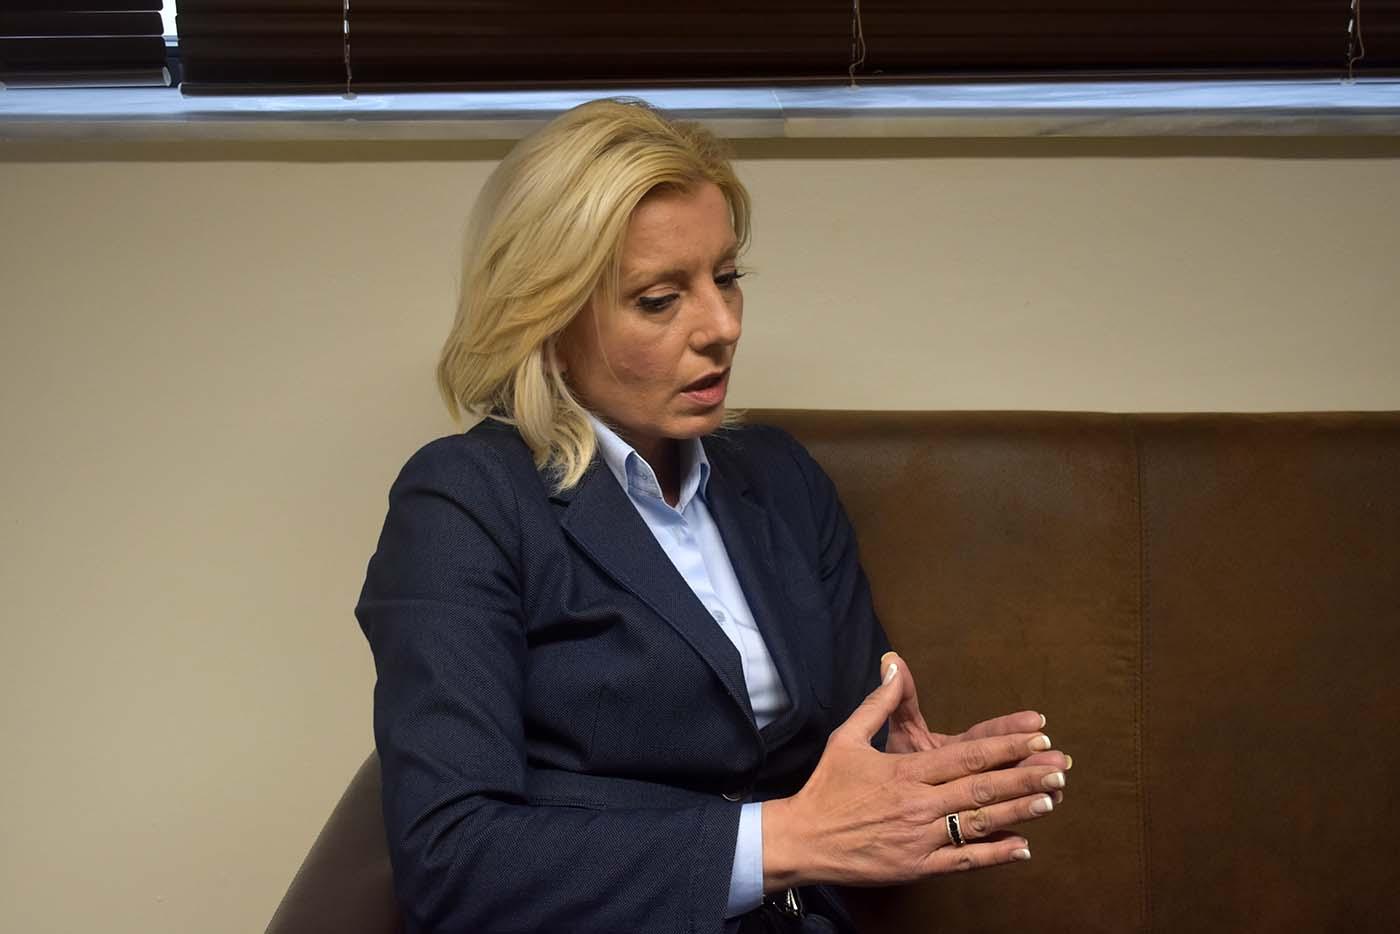 Ρένα Καραλαριώτου στο onlarissa.gr: «Η πόλη μας είναι πάνω από κόμματα και χρώματα»